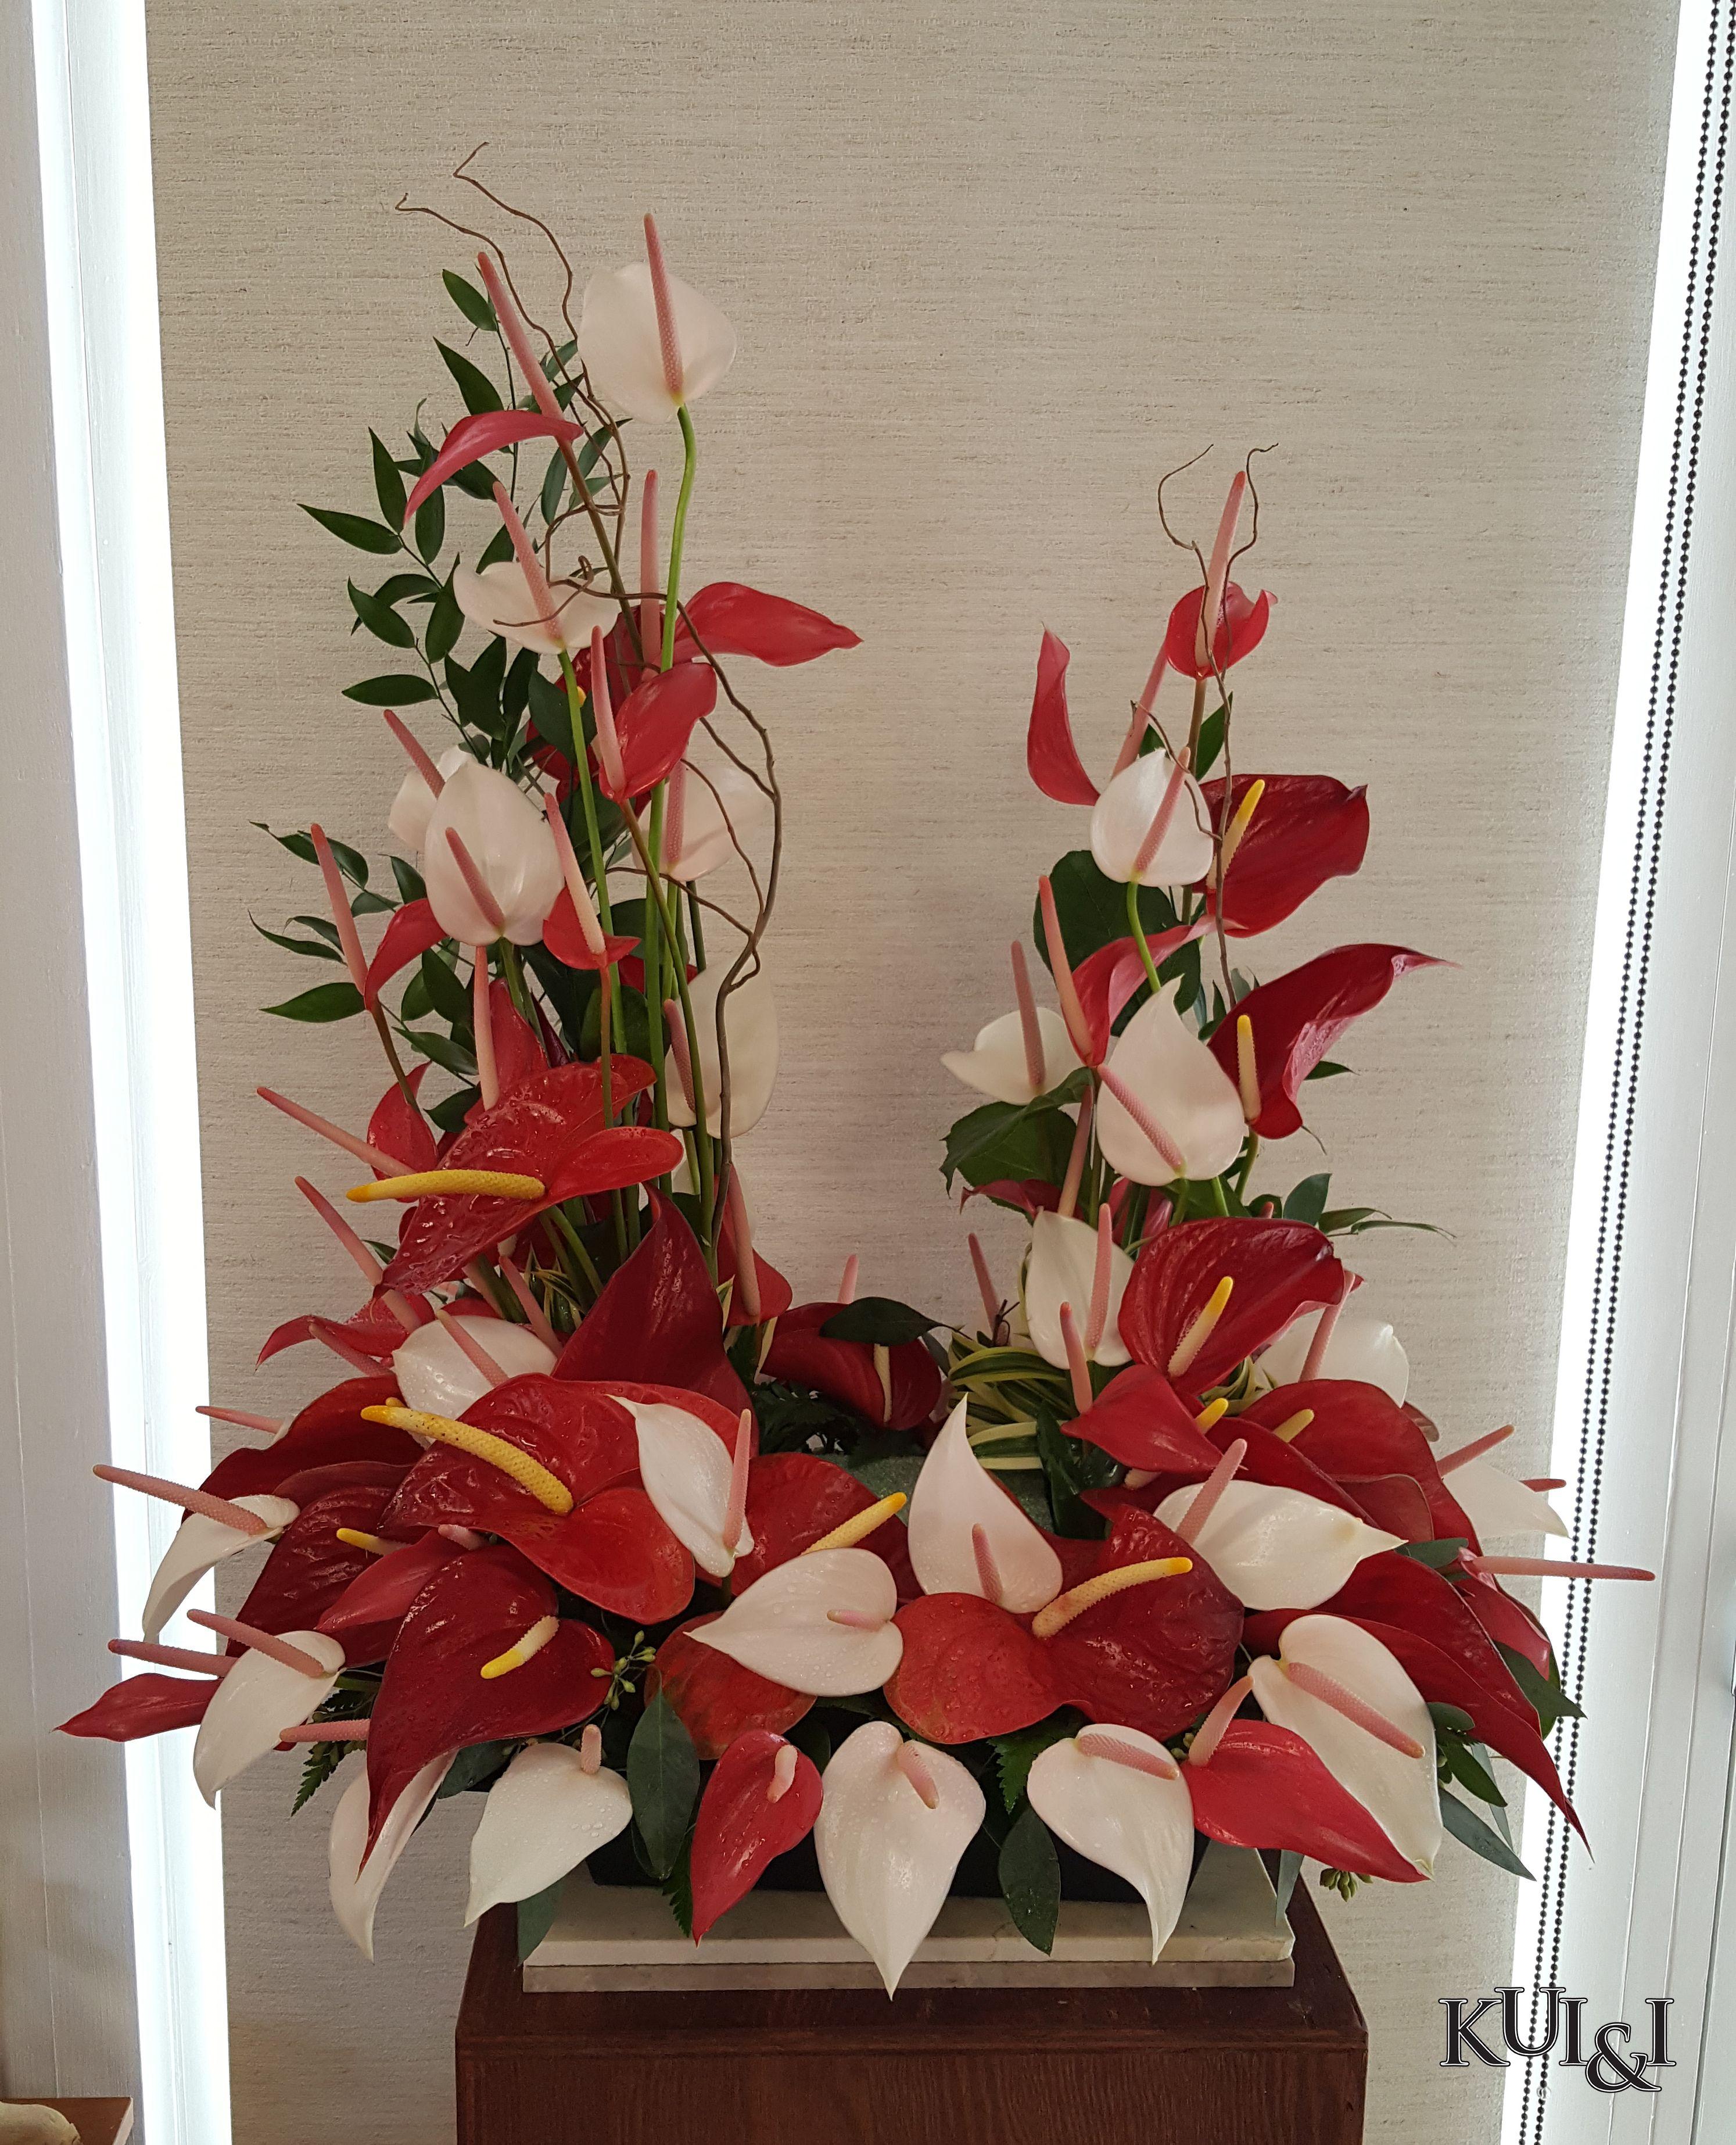 Anthurium Urn Riser Kui I Florist Llc Hilo Hawaii Kuiandiflorist Com Kuiandi Florist Hilo Hawaii Bigis Sympathy Flowers Flower Arrangements Anthurium